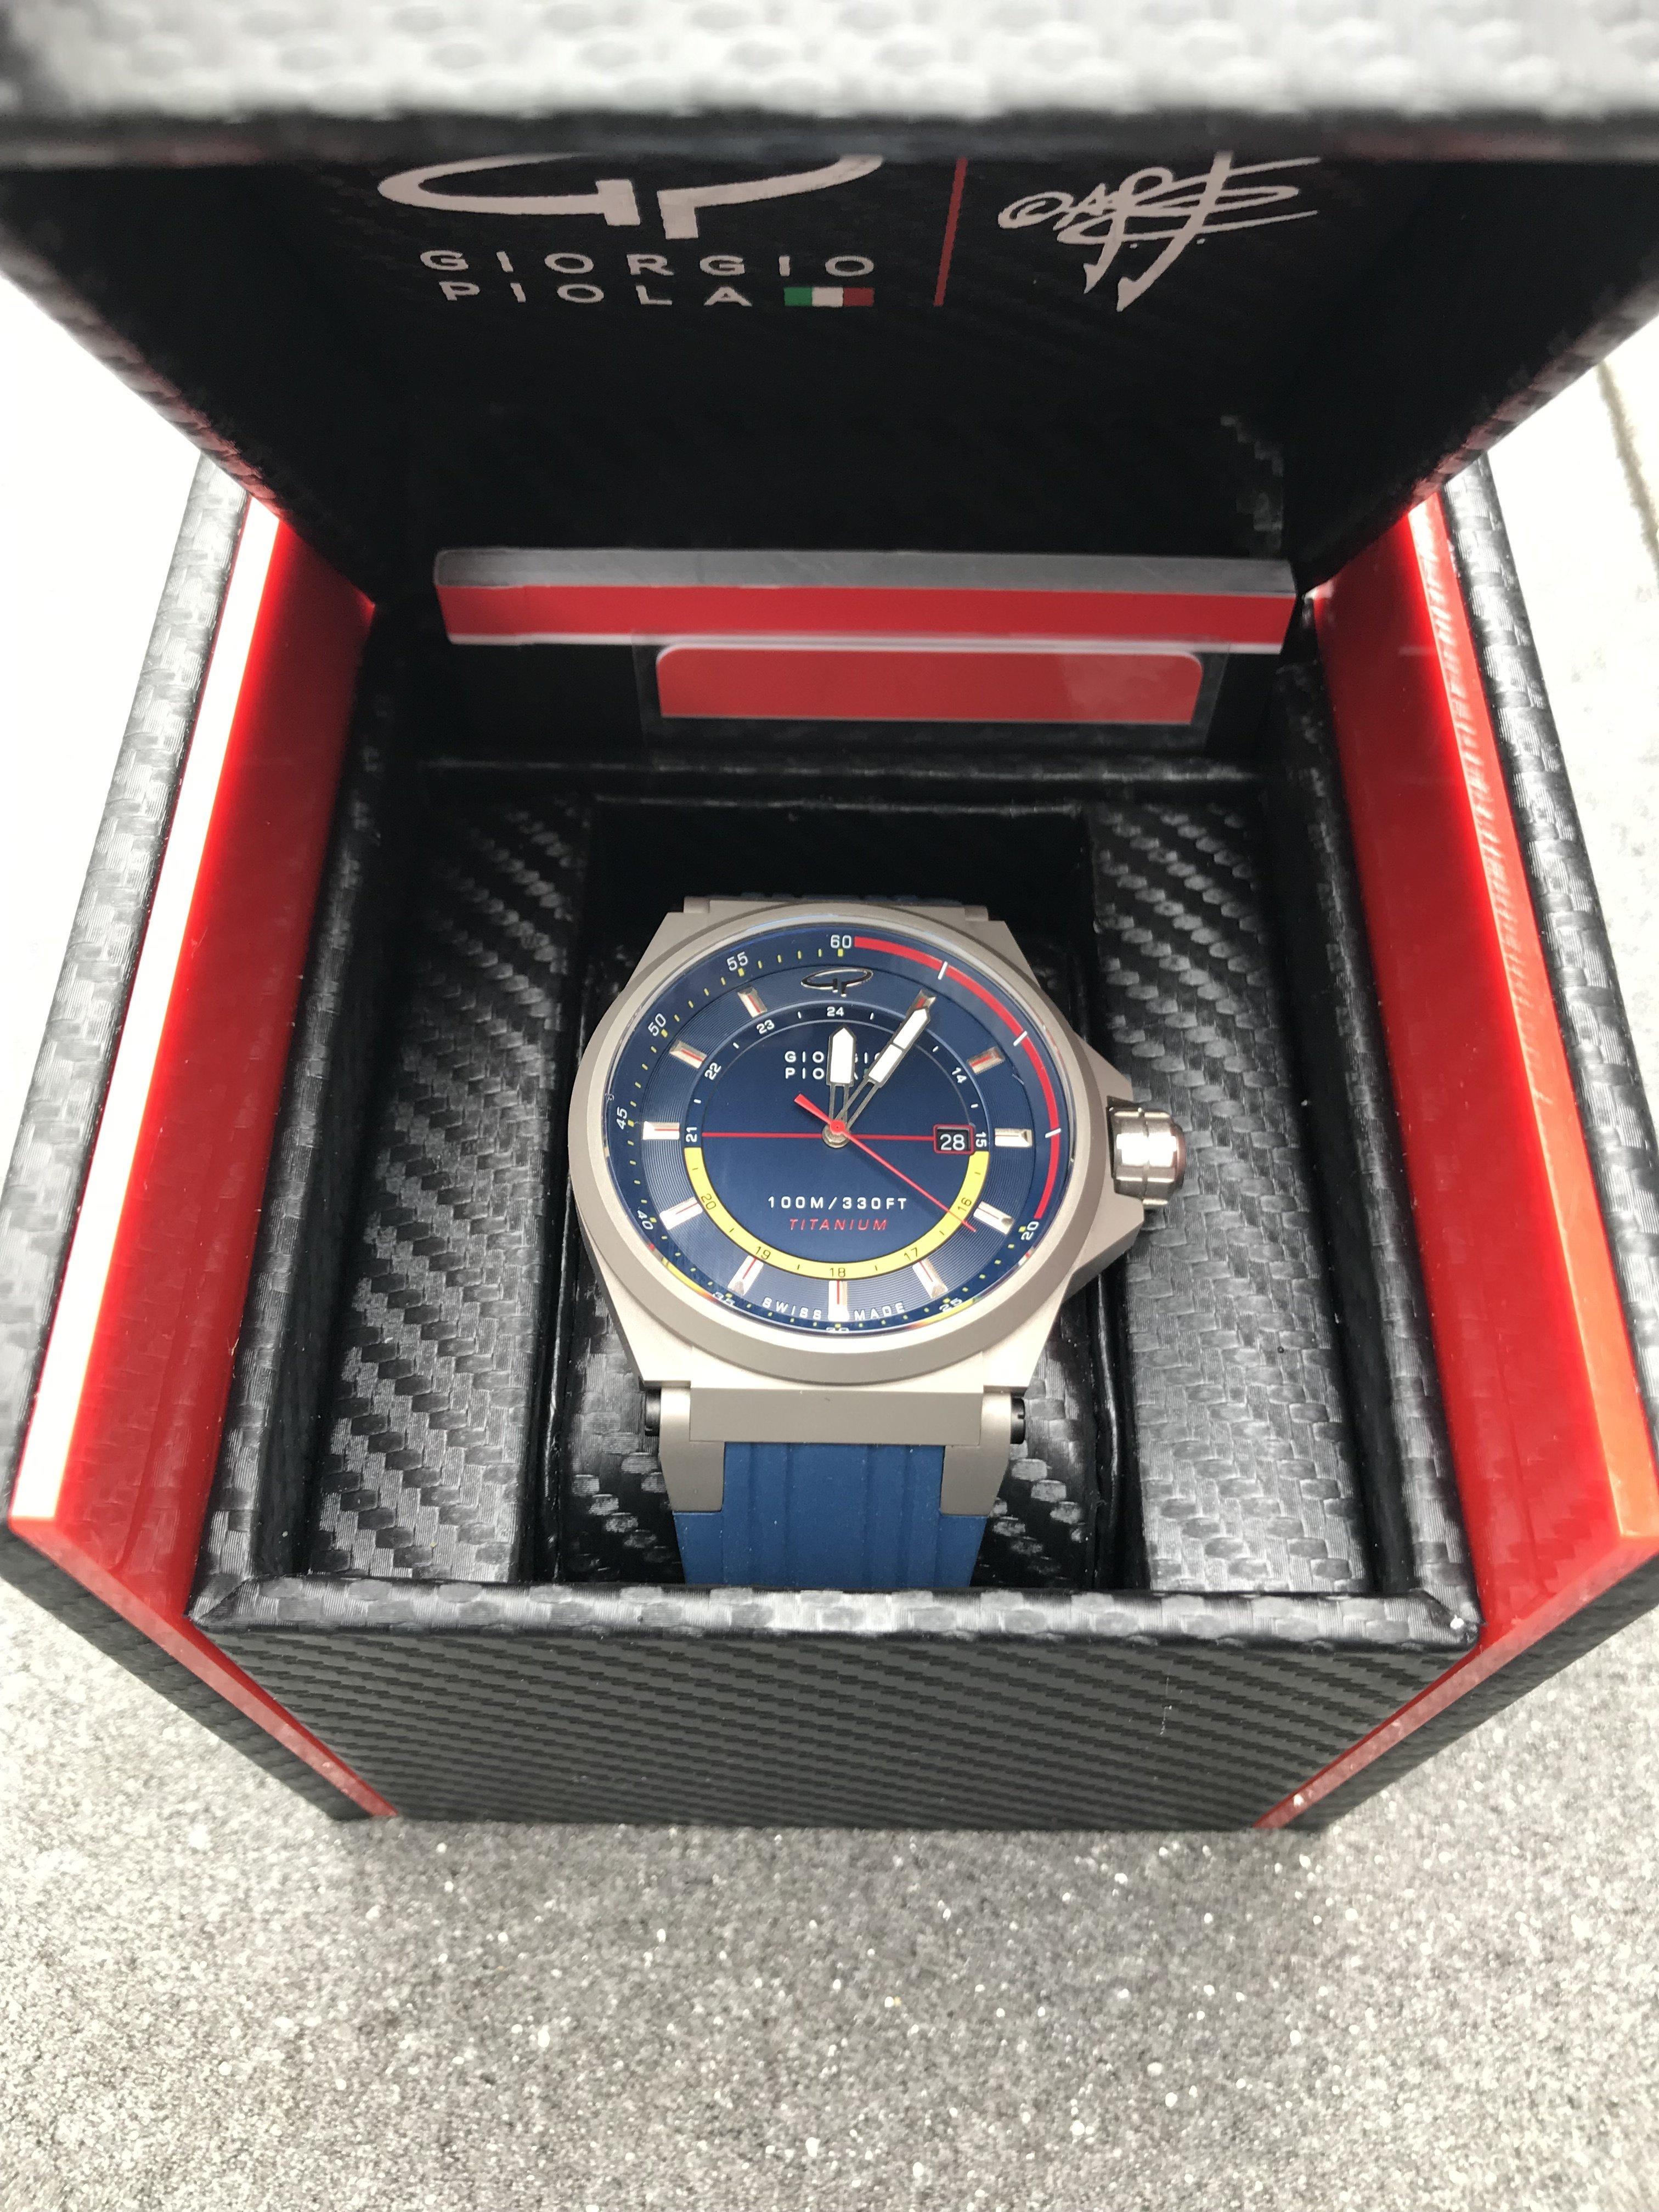 Verkocht] Giorgio Piola STRAT 3 Verkocht via horlogemarkt